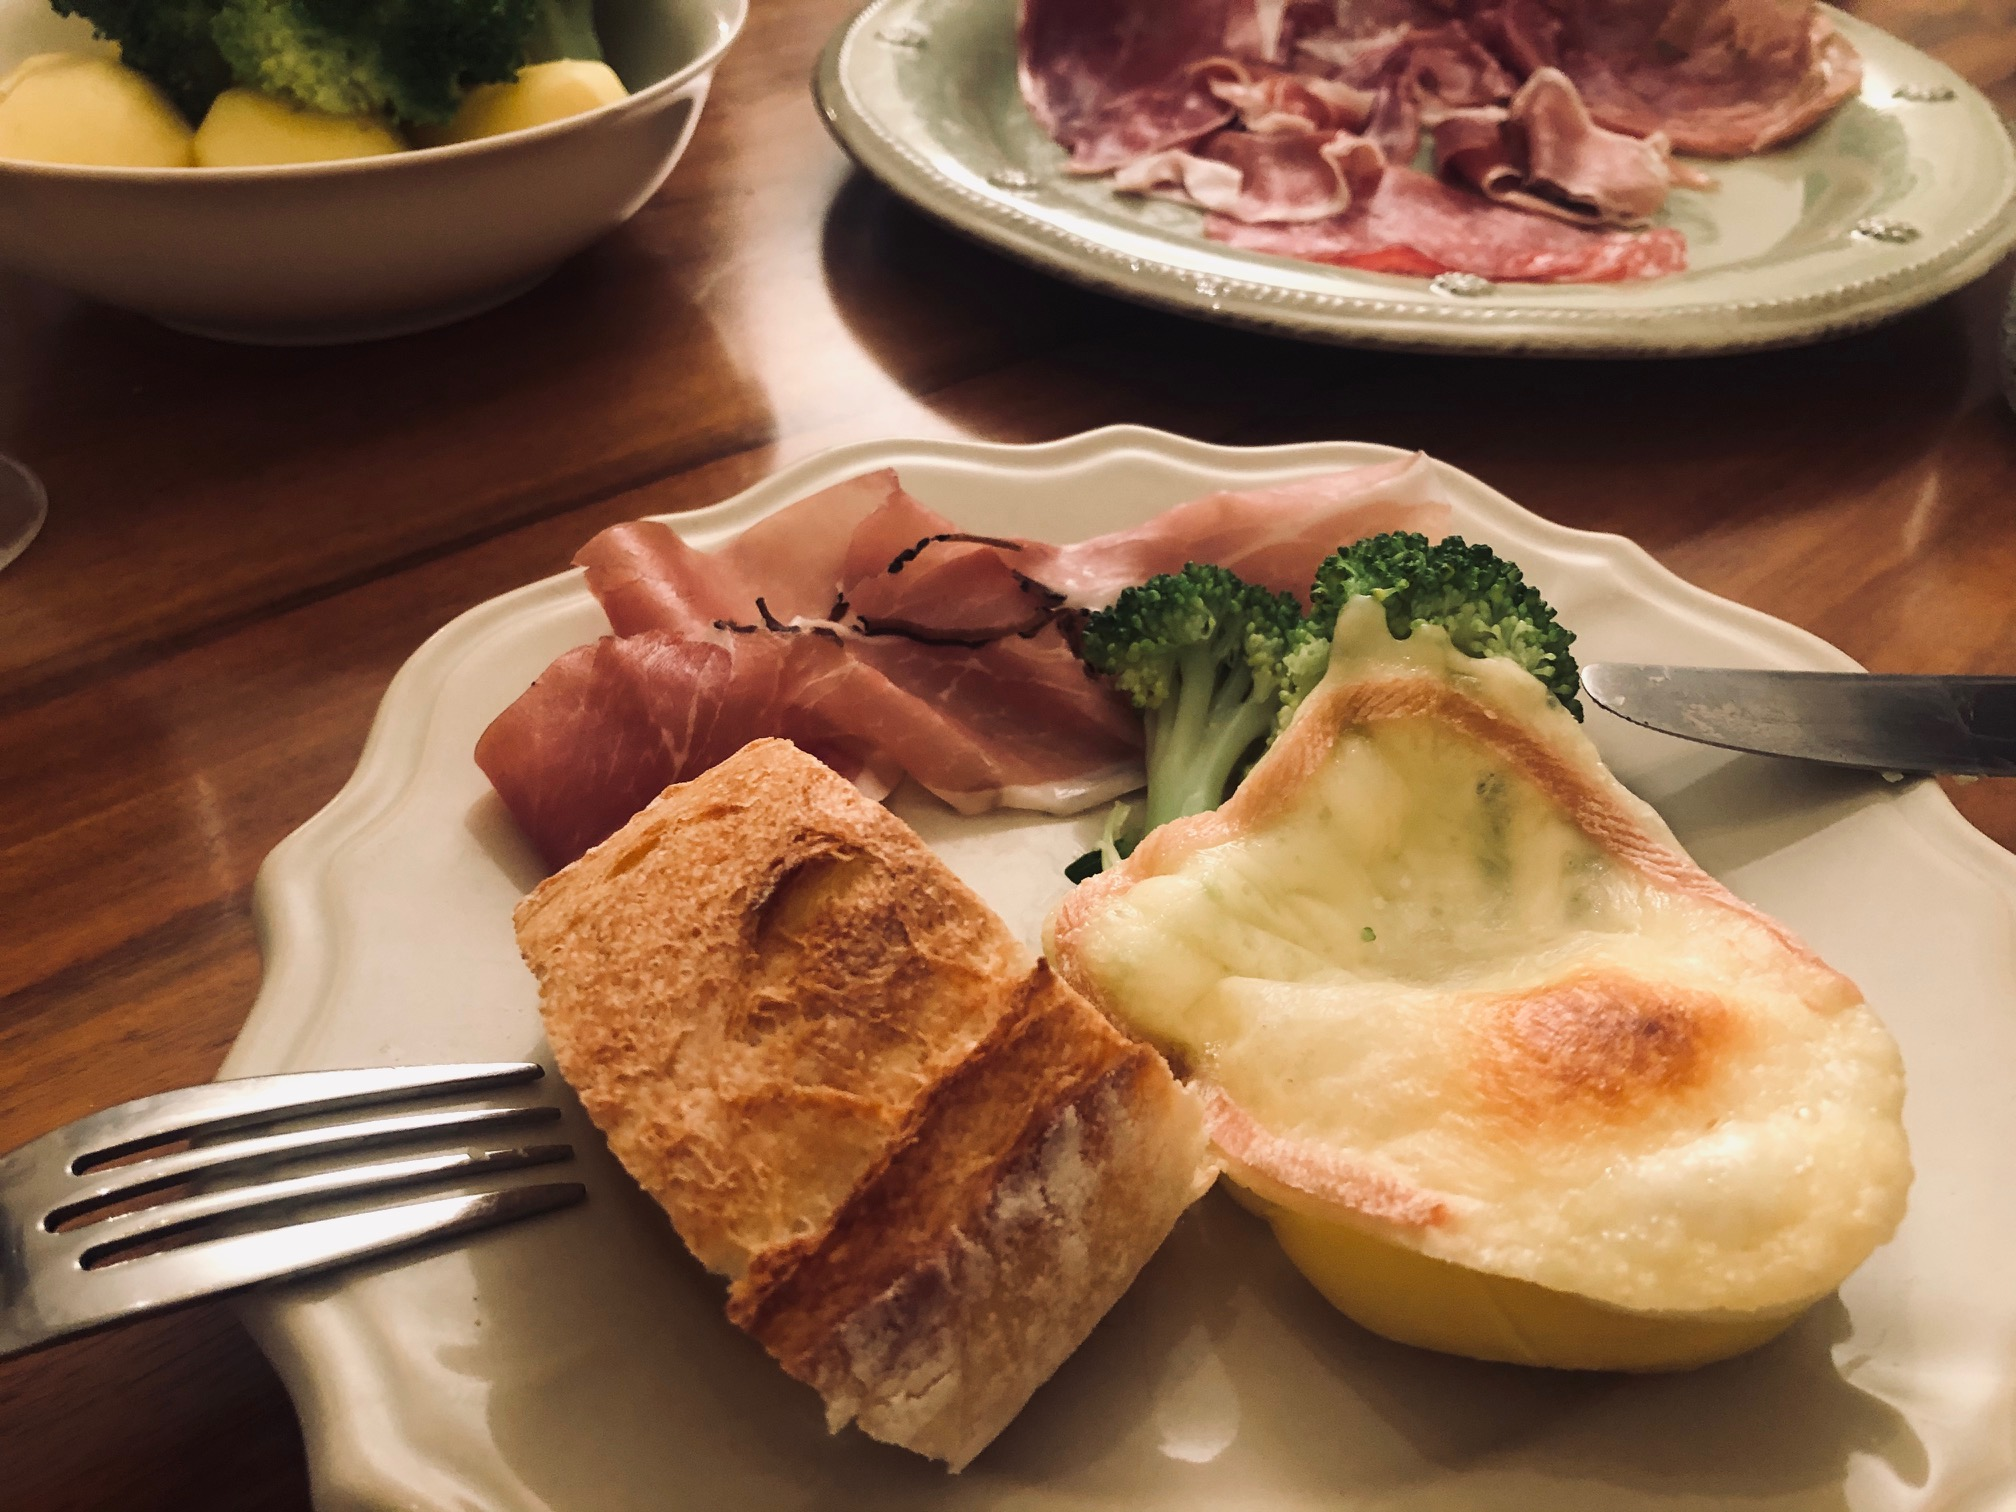 フランスの食卓。寒い夜にみんなで囲むものは?